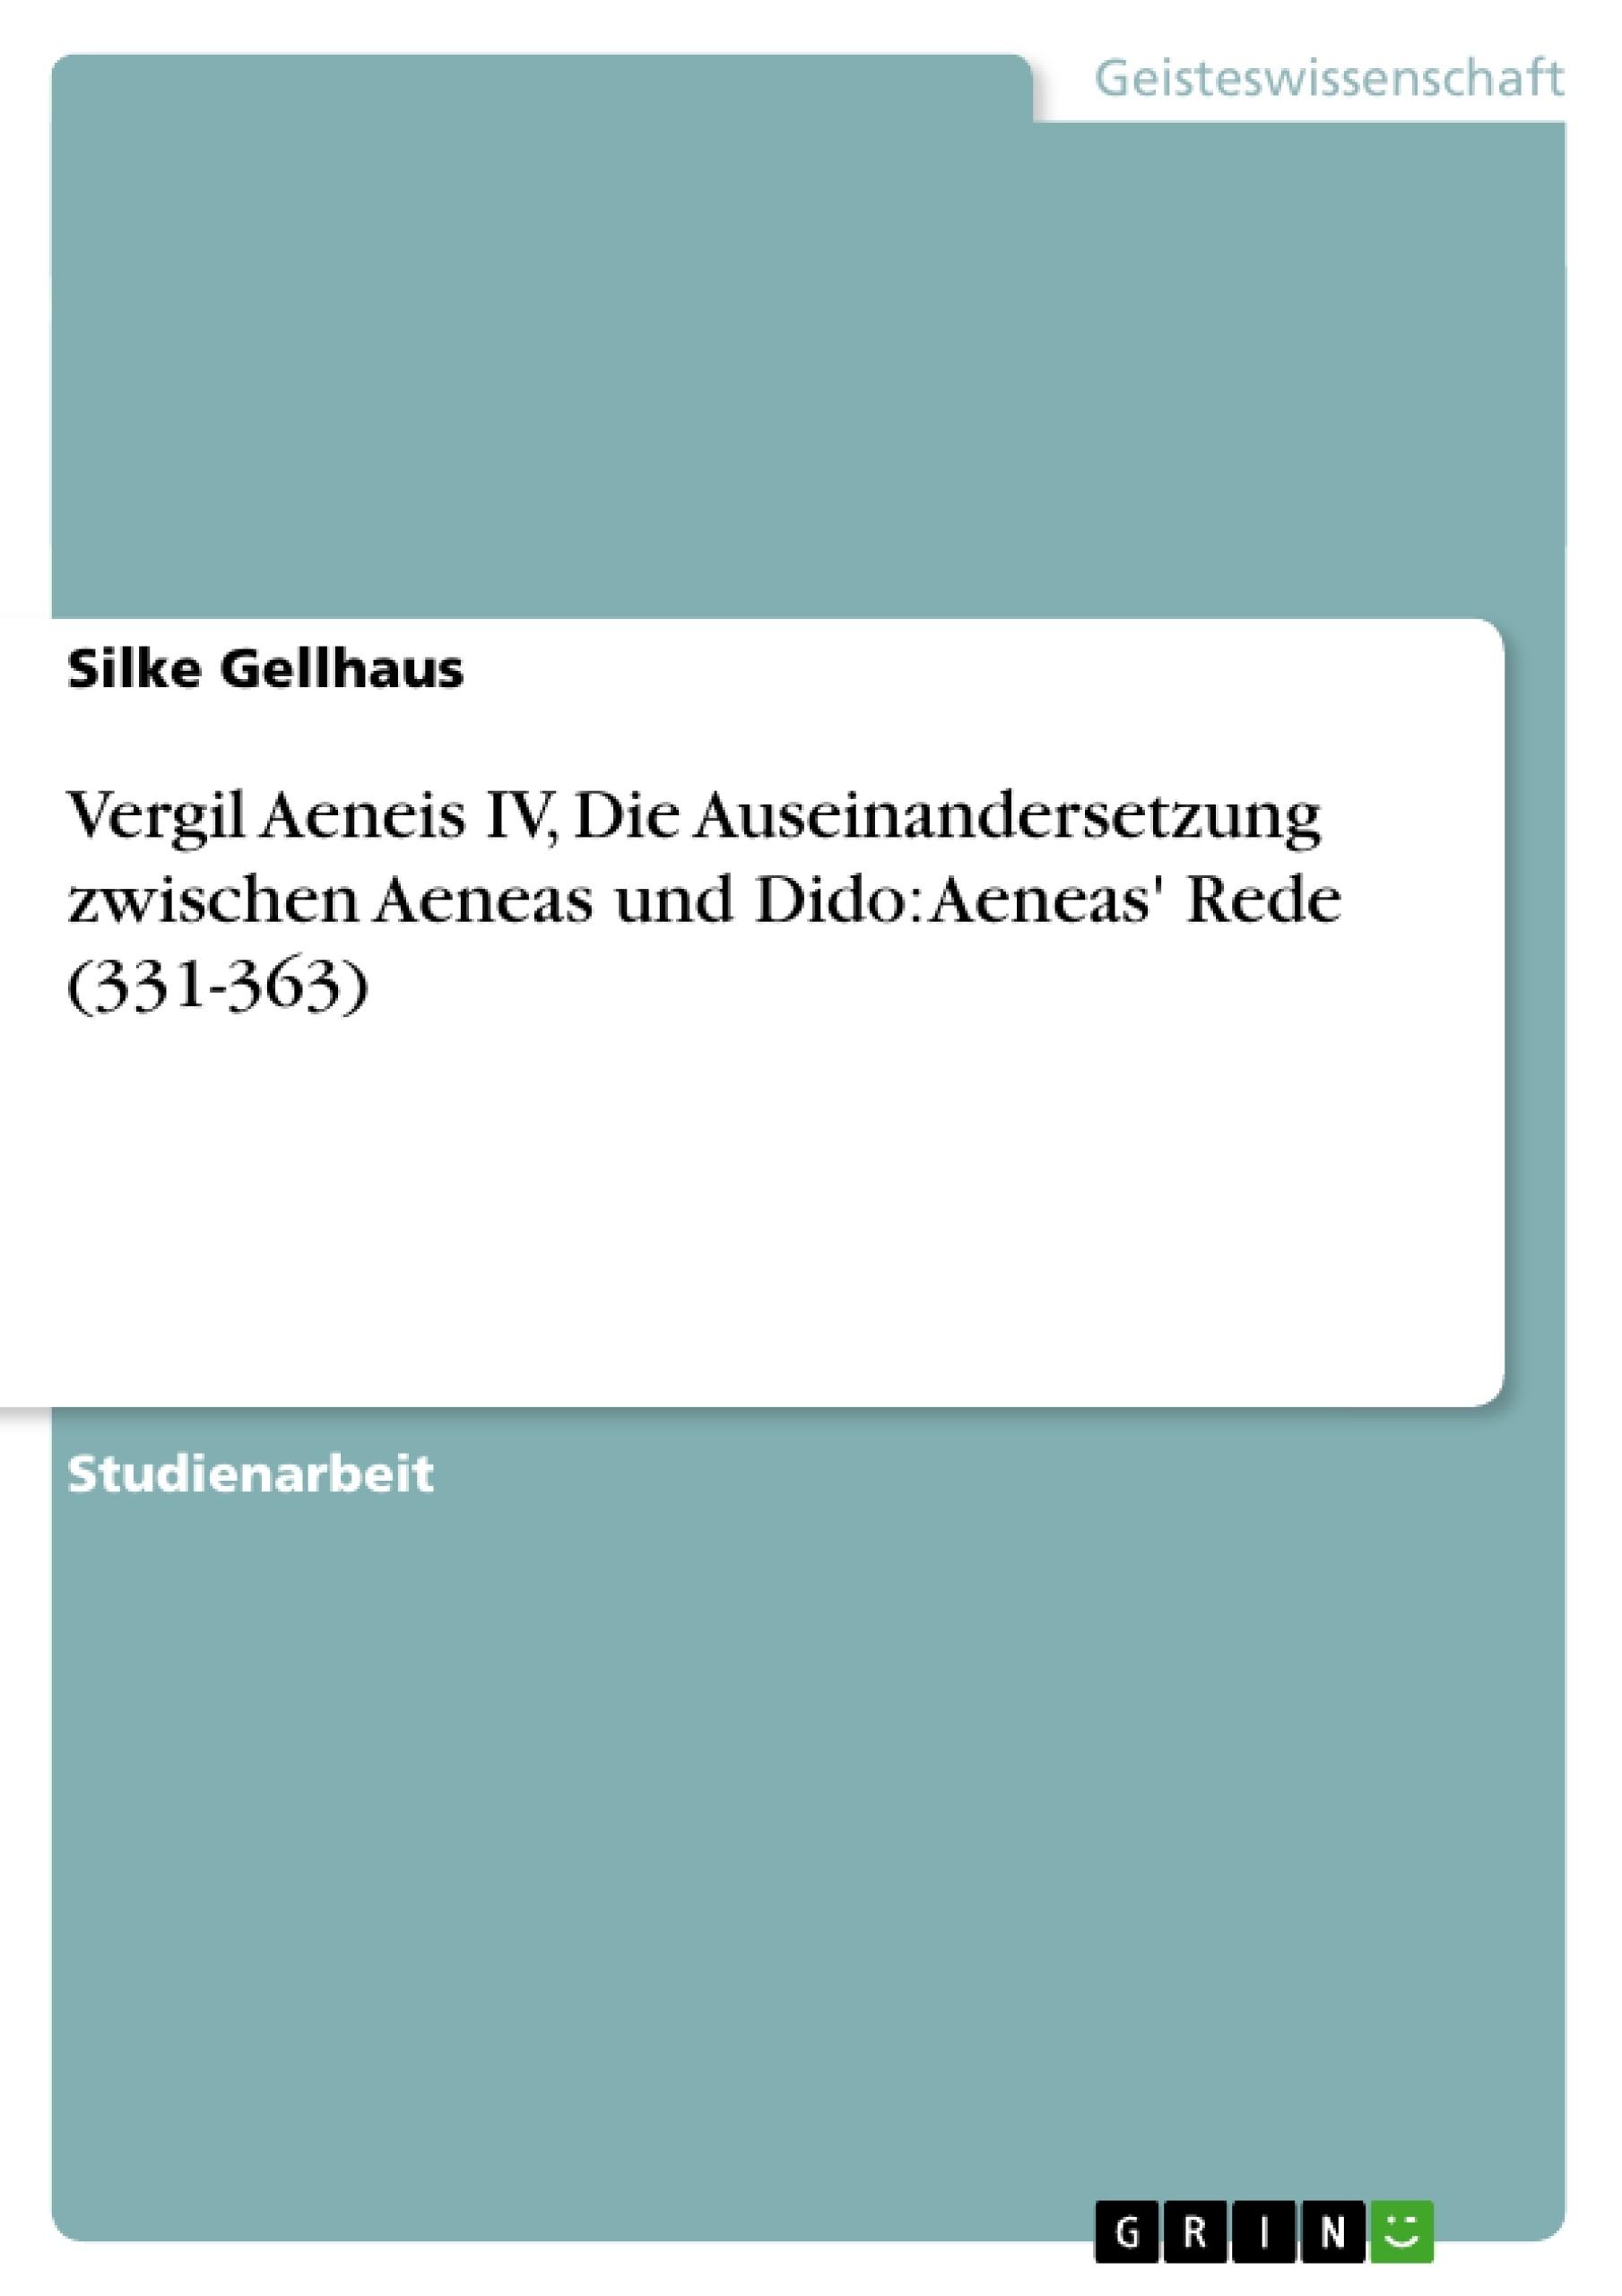 Titel: Vergil Aeneis IV, Die Auseinandersetzung zwischen Aeneas und Dido: Aeneas' Rede (331-363)